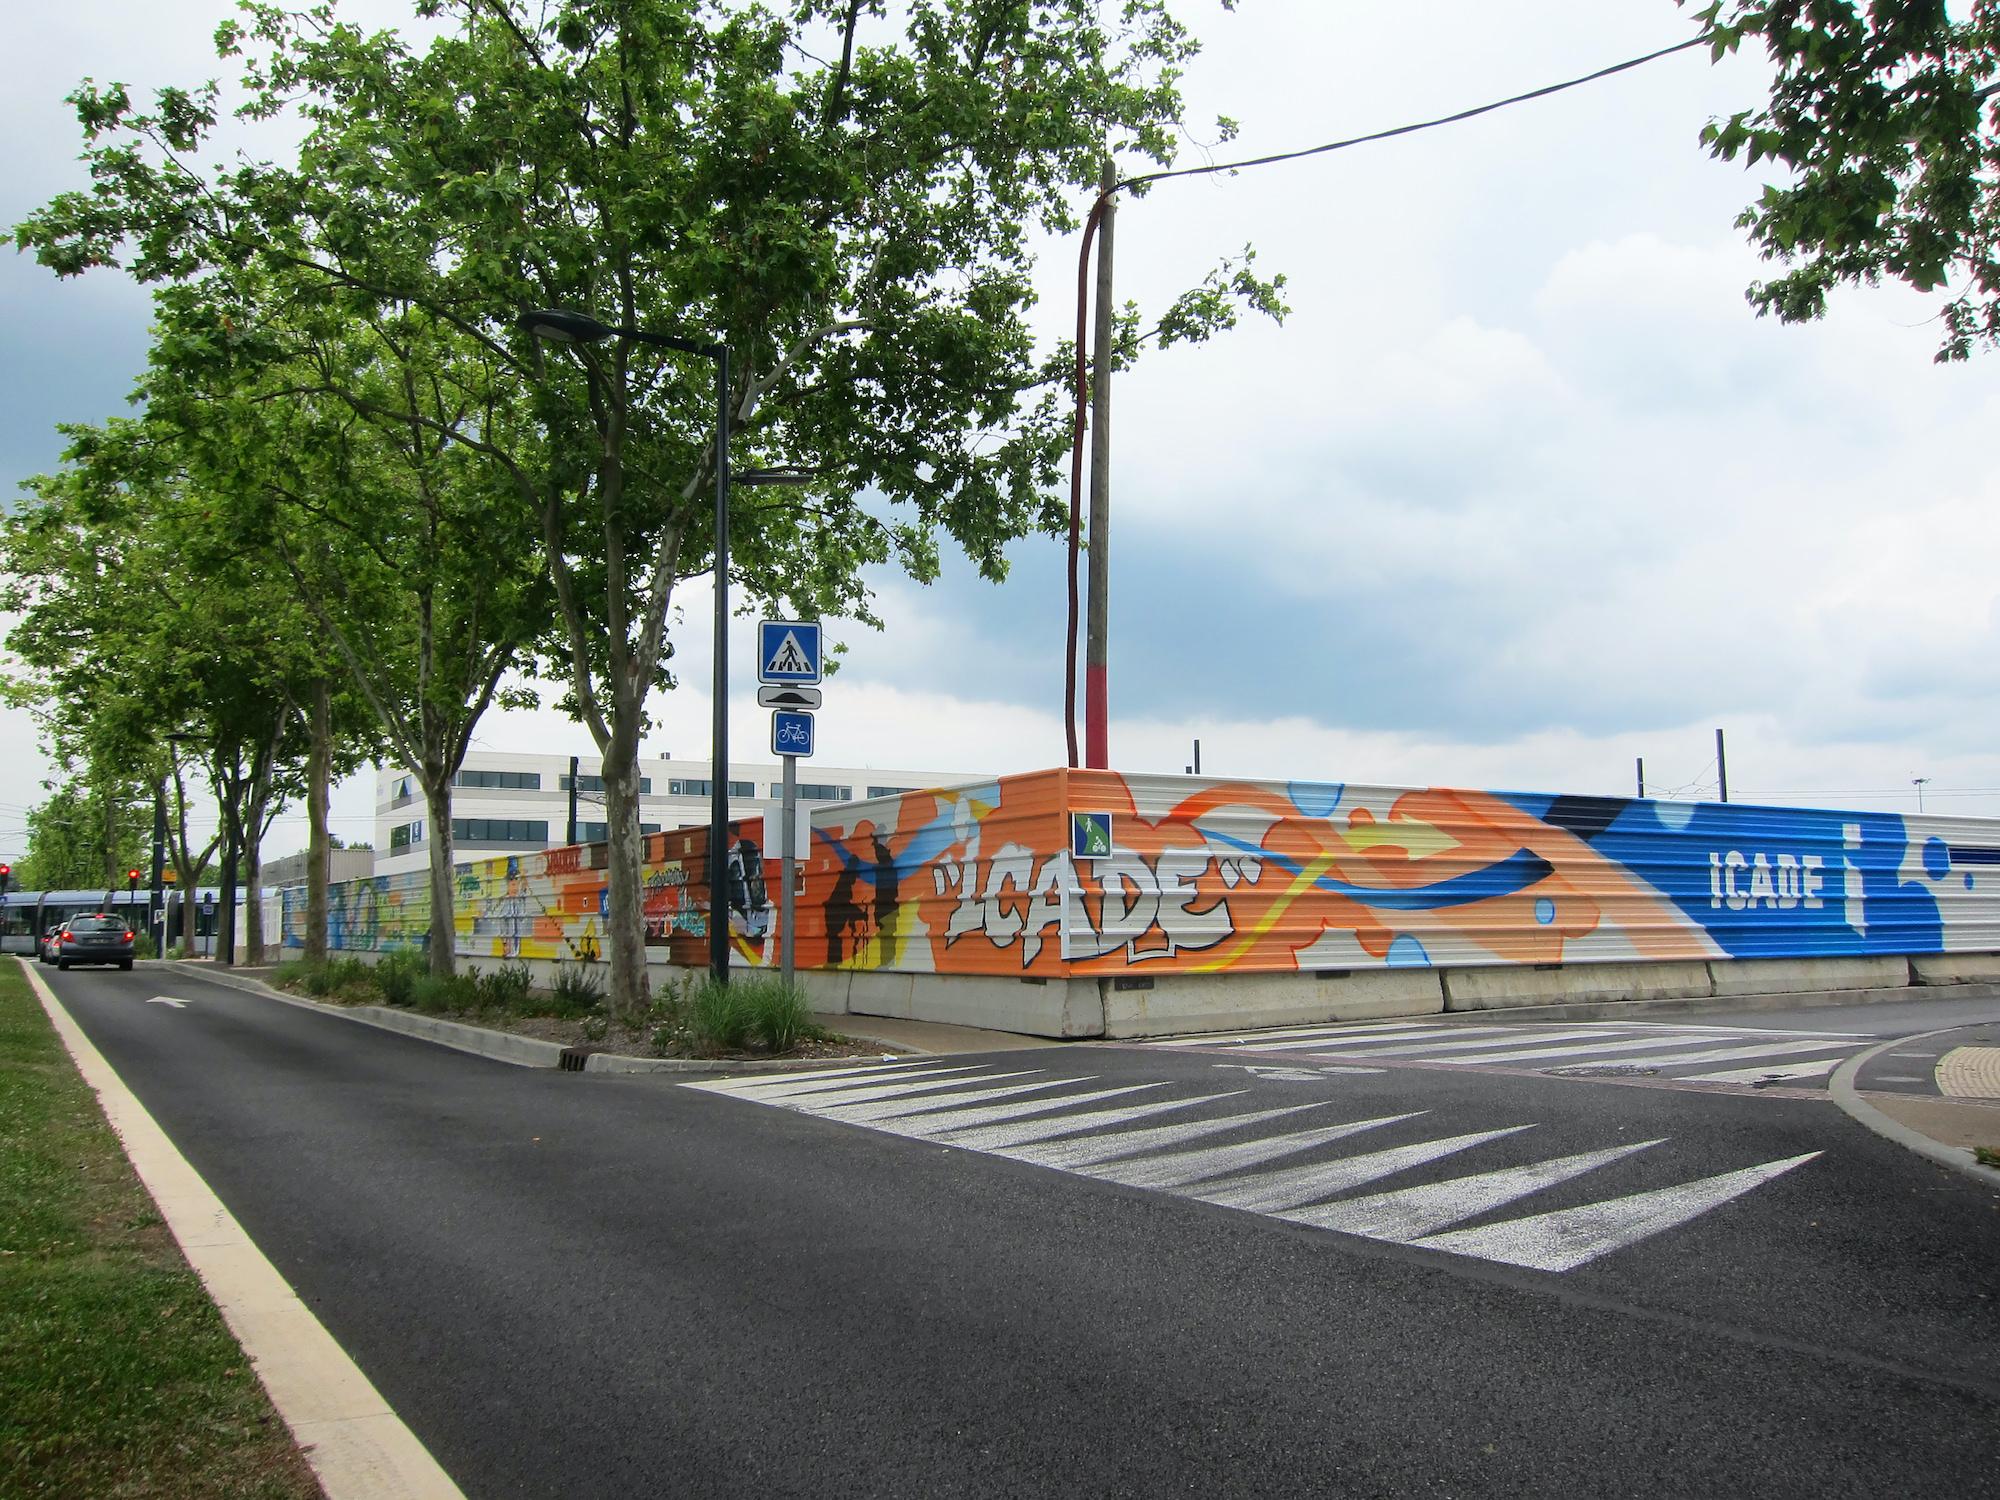 palissade graffiti chantier blagnac halltimes icade